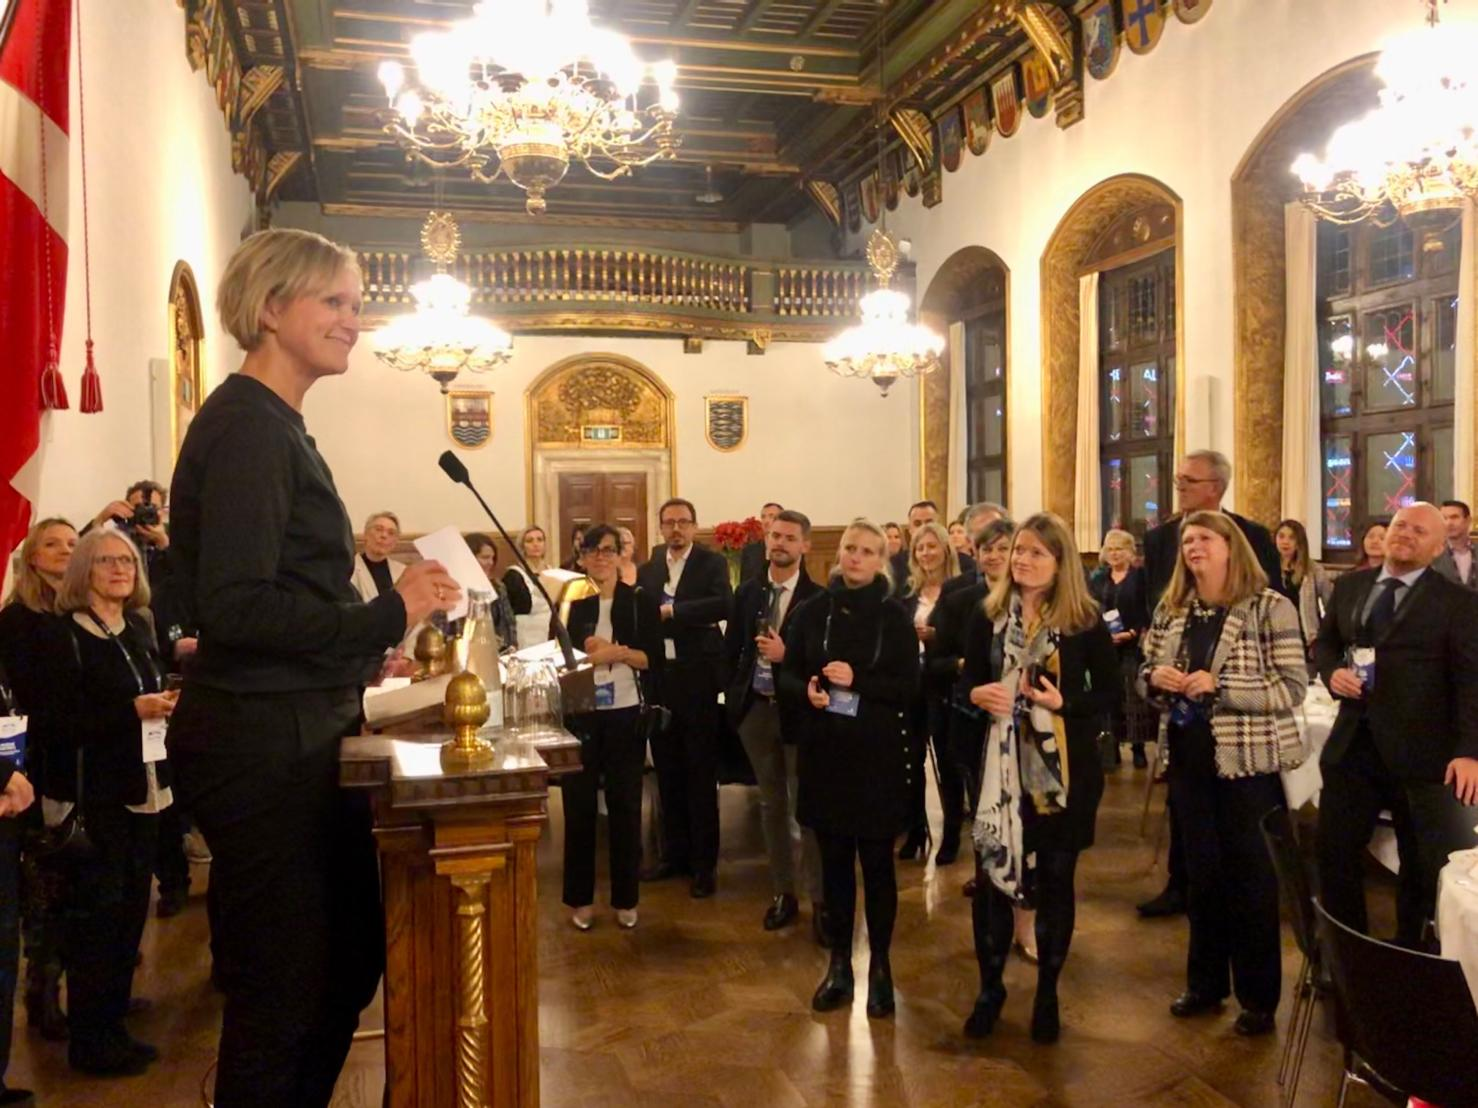 Beskæftigelsesborgmester i Københavns Kommune, Cecilia Lonning-Skovgaard, taler på Københavns Rådhus til BestCities Global Alliance under dens medlemsmøde i København. Foto: Linkedin, Cecilia Lonning-Skovgaard.